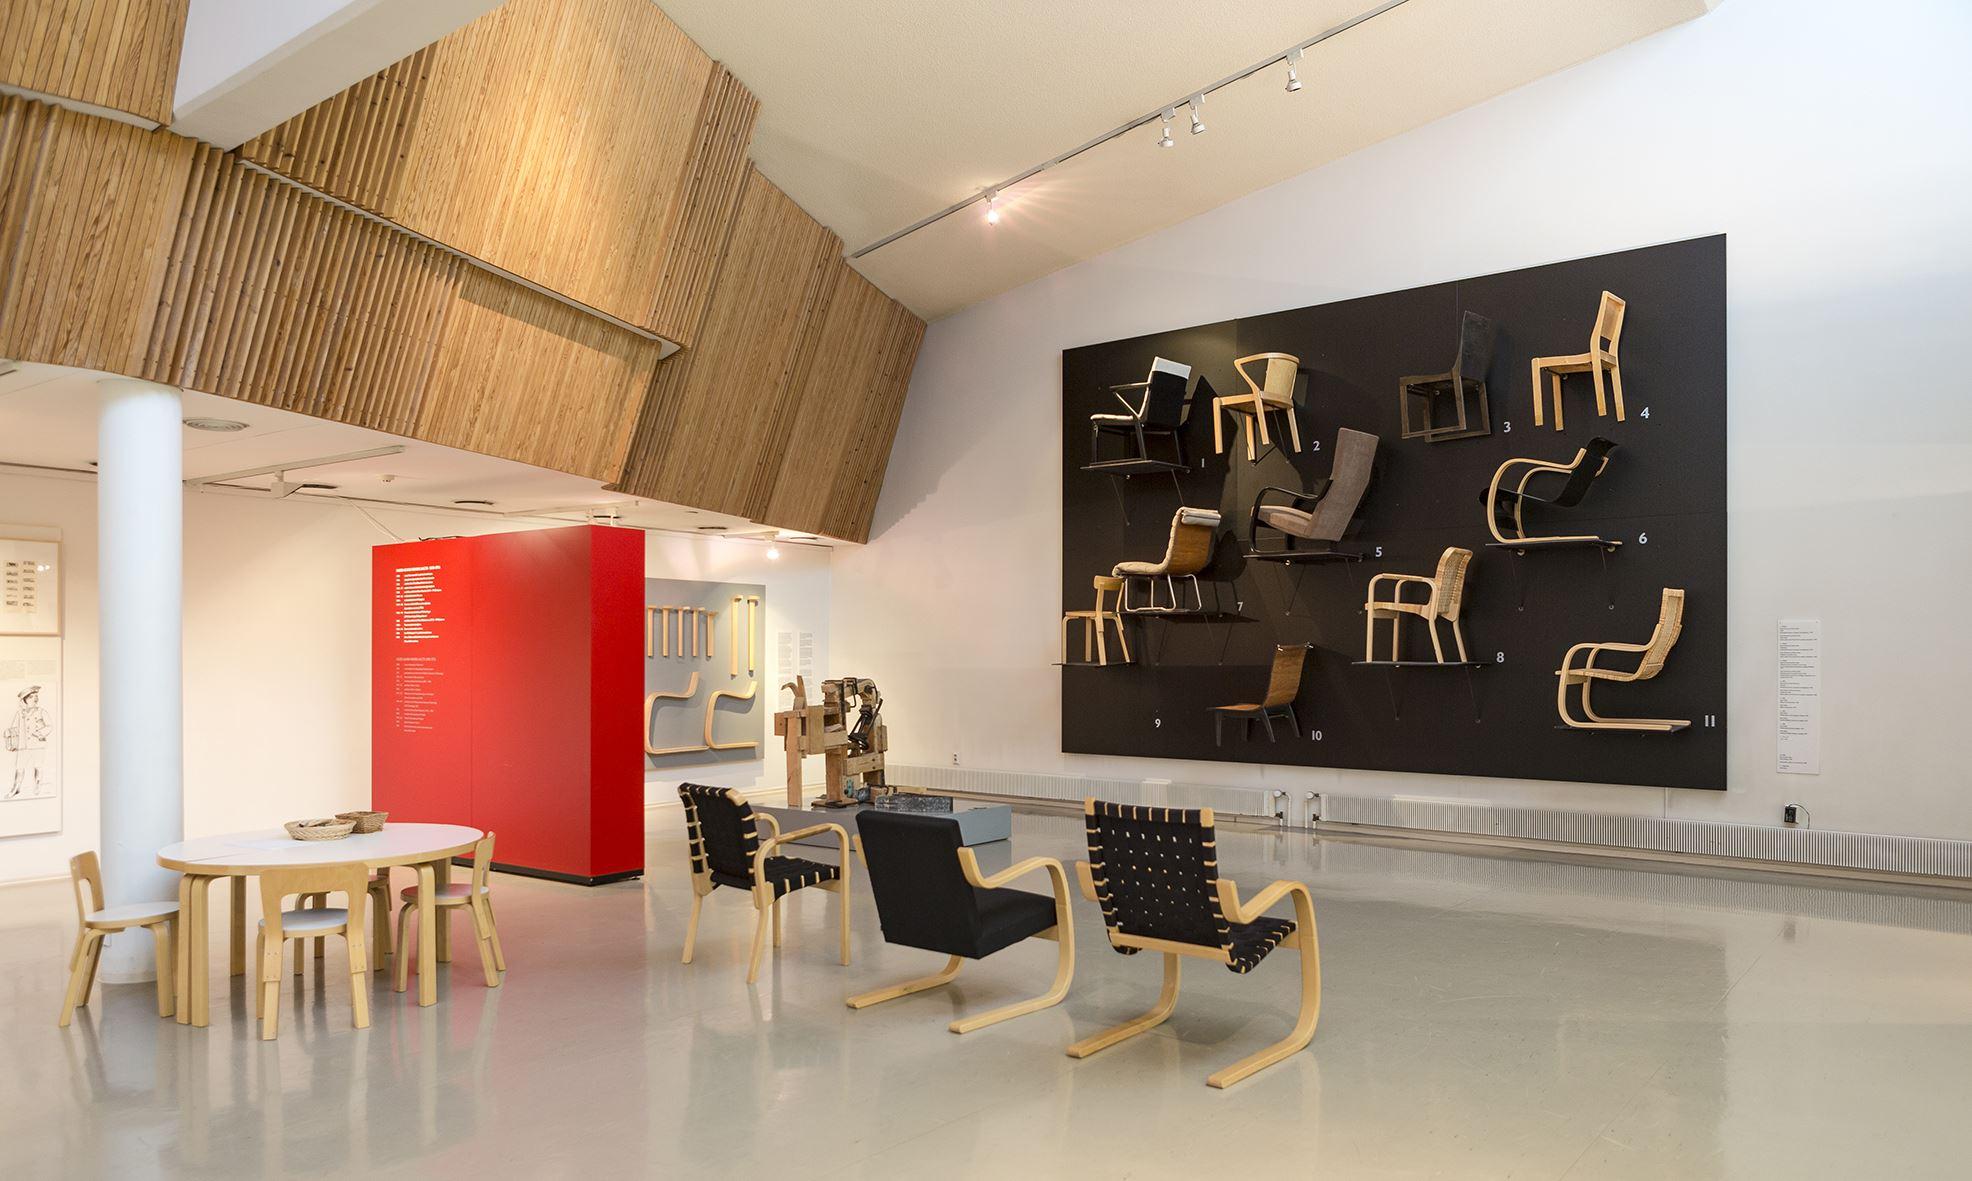 © Tero Takalo-Eskola, Architecture tours | In the footsteps of best-known Finnish architechts Alvar Aalto and Eliel Saarinen